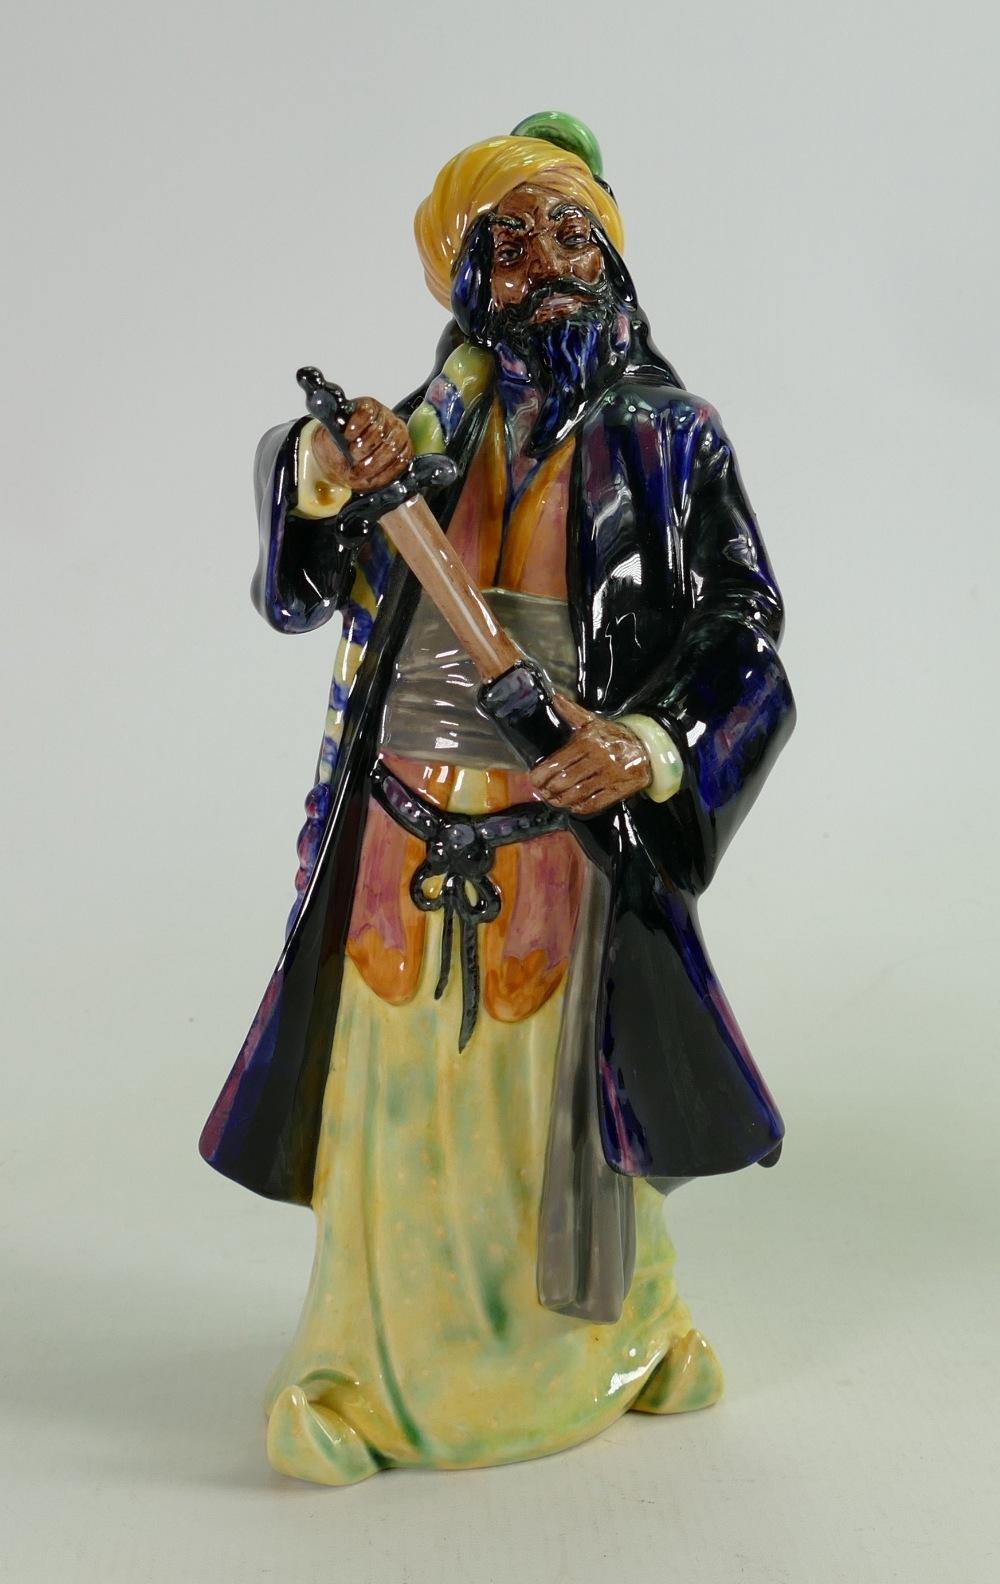 Royal Doulton character figure Bluebeard HN2105: